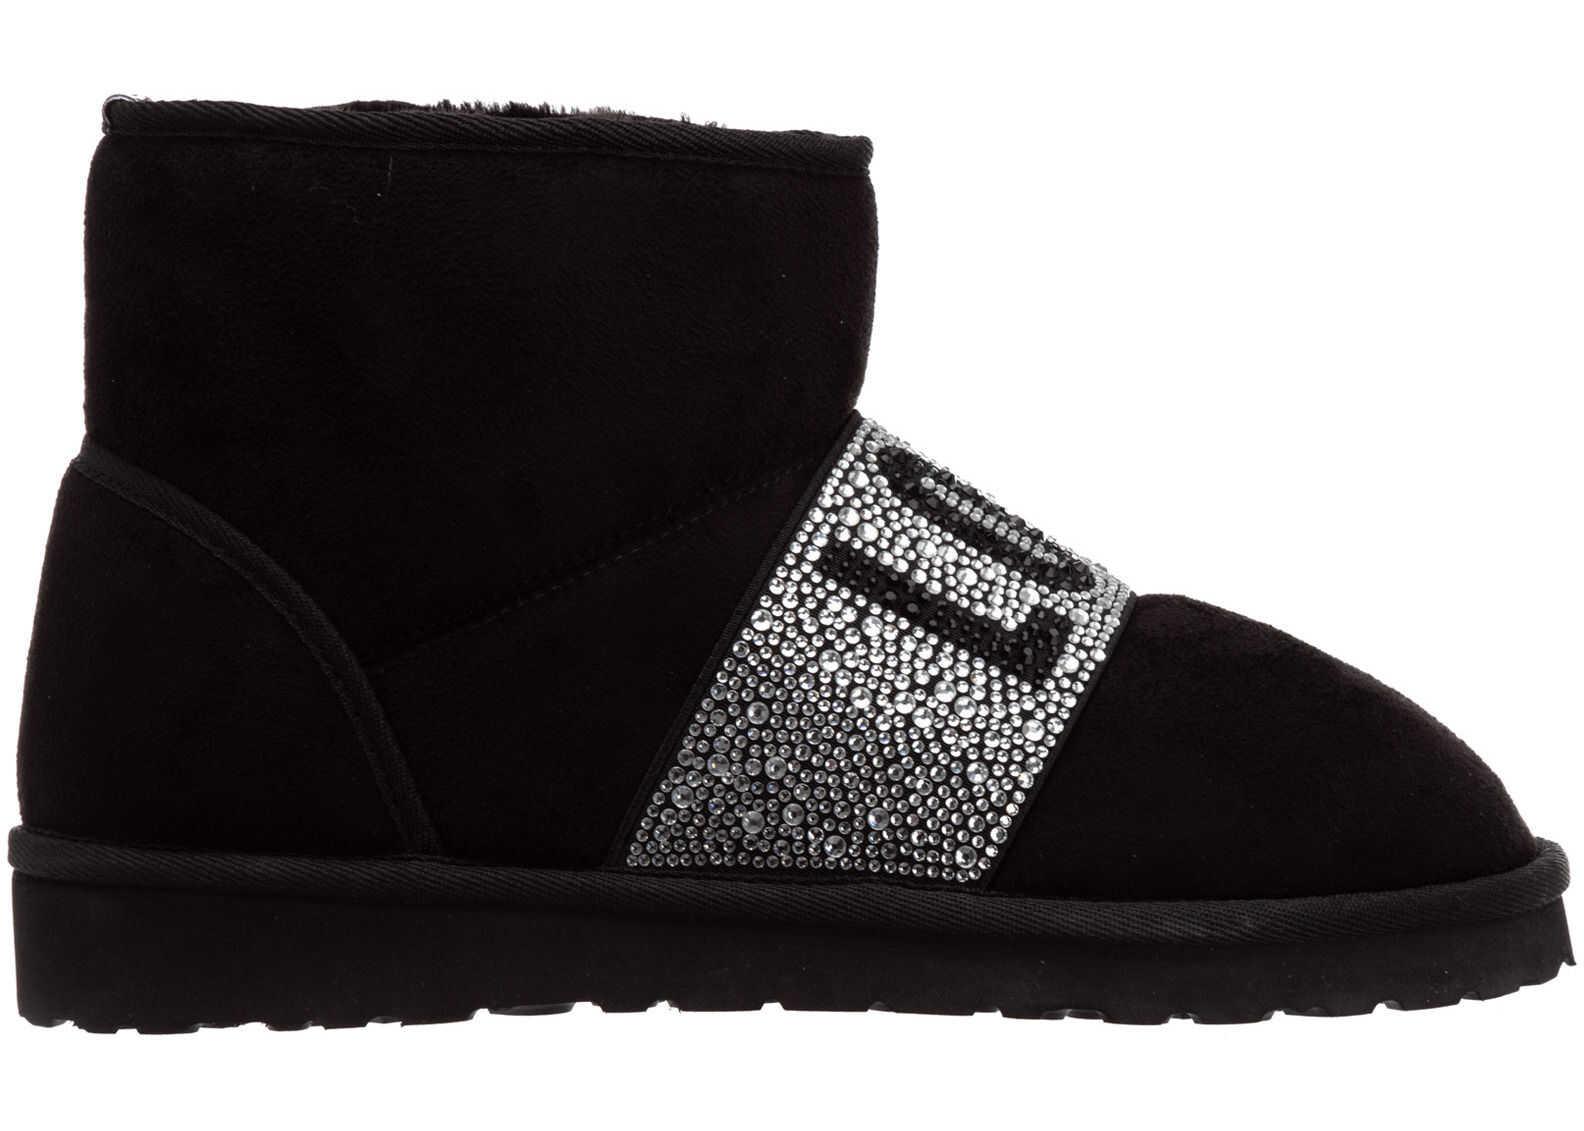 LOVE Moschino Boots Booties JA21013H1BIS0000 Black imagine b-mall.ro